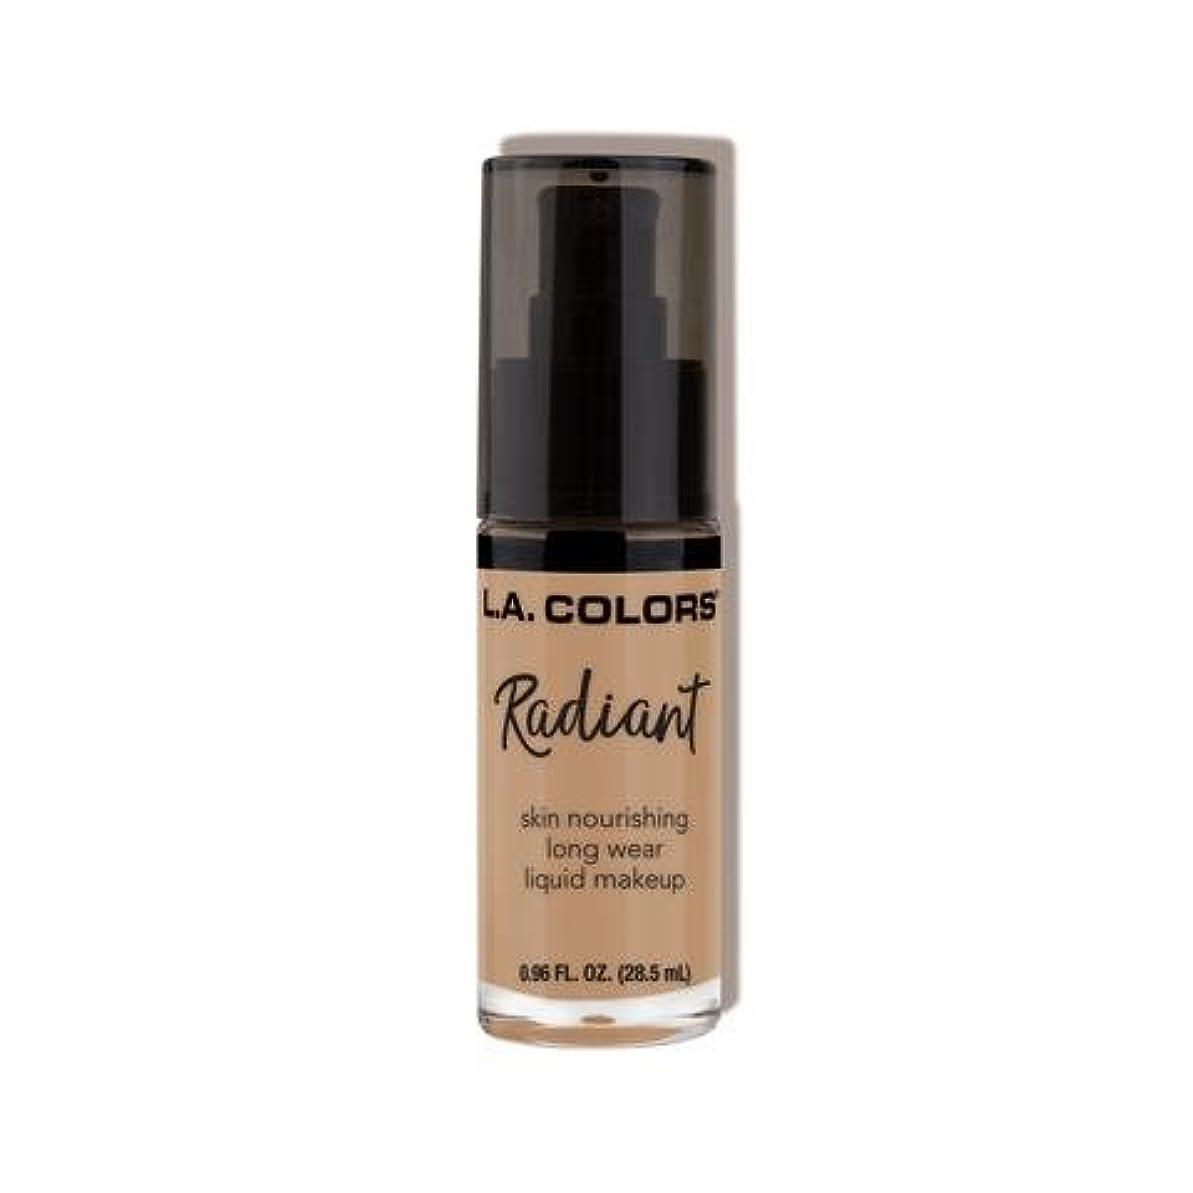 広まったログ耕す(3 Pack) L.A. COLORS Radiant Liquid Makeup - Medium Beige (並行輸入品)